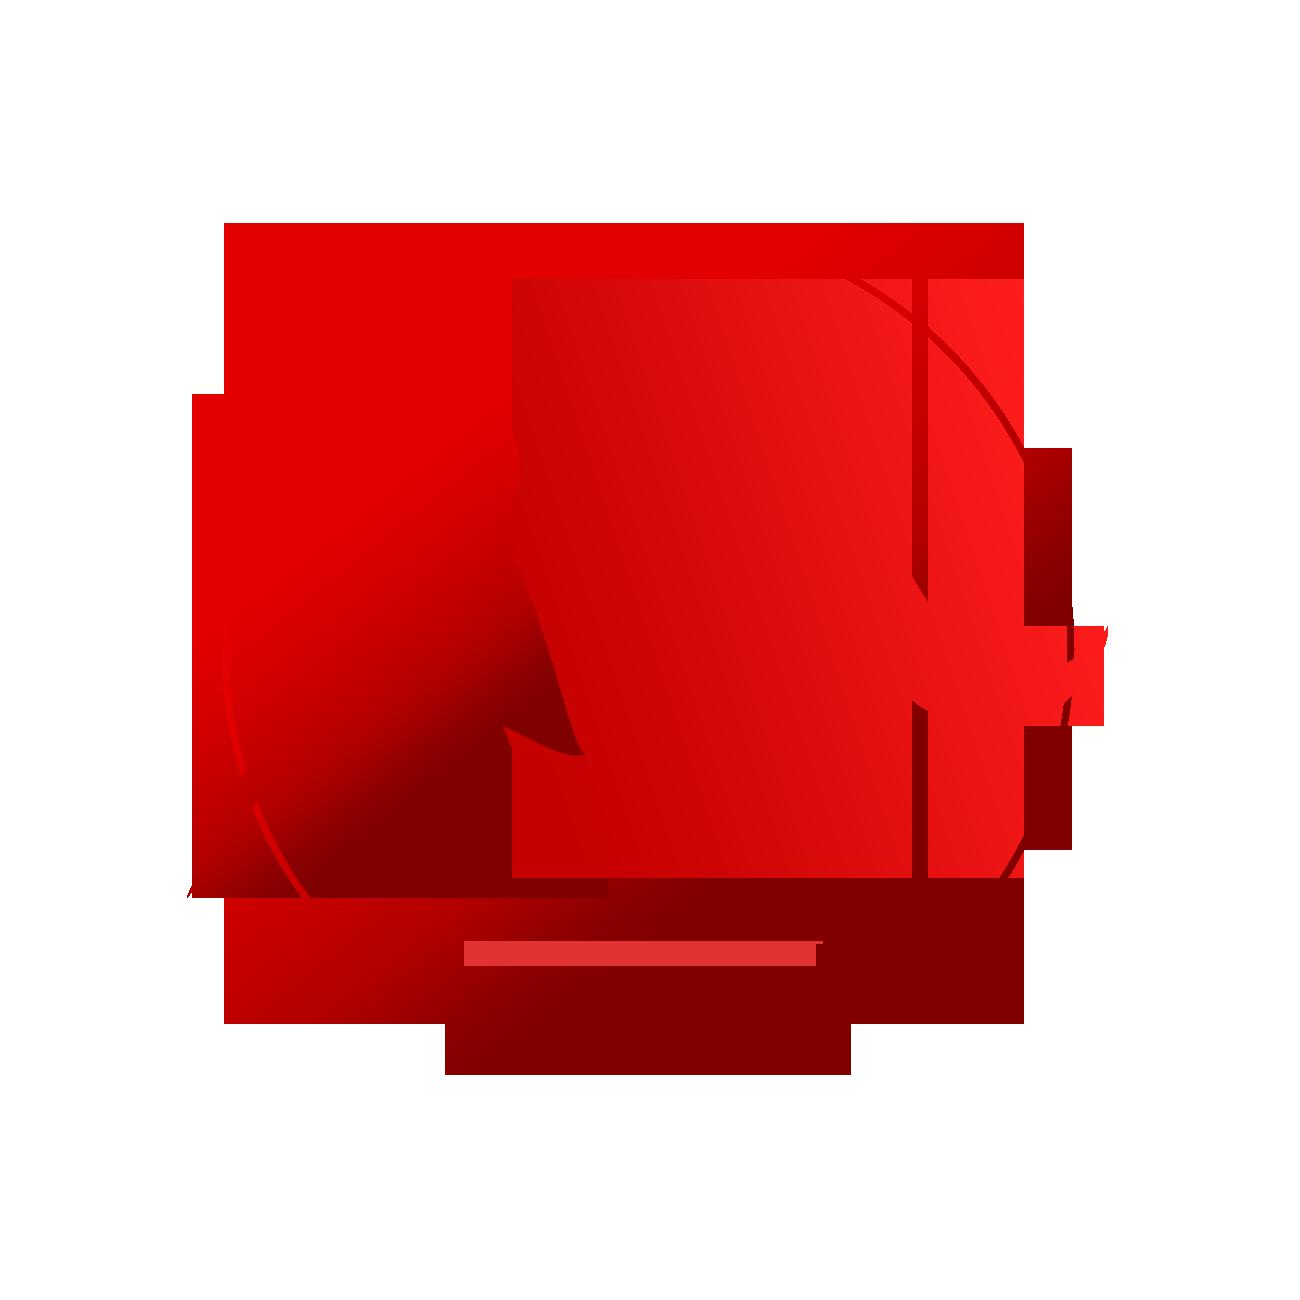 Management Group S.r.l